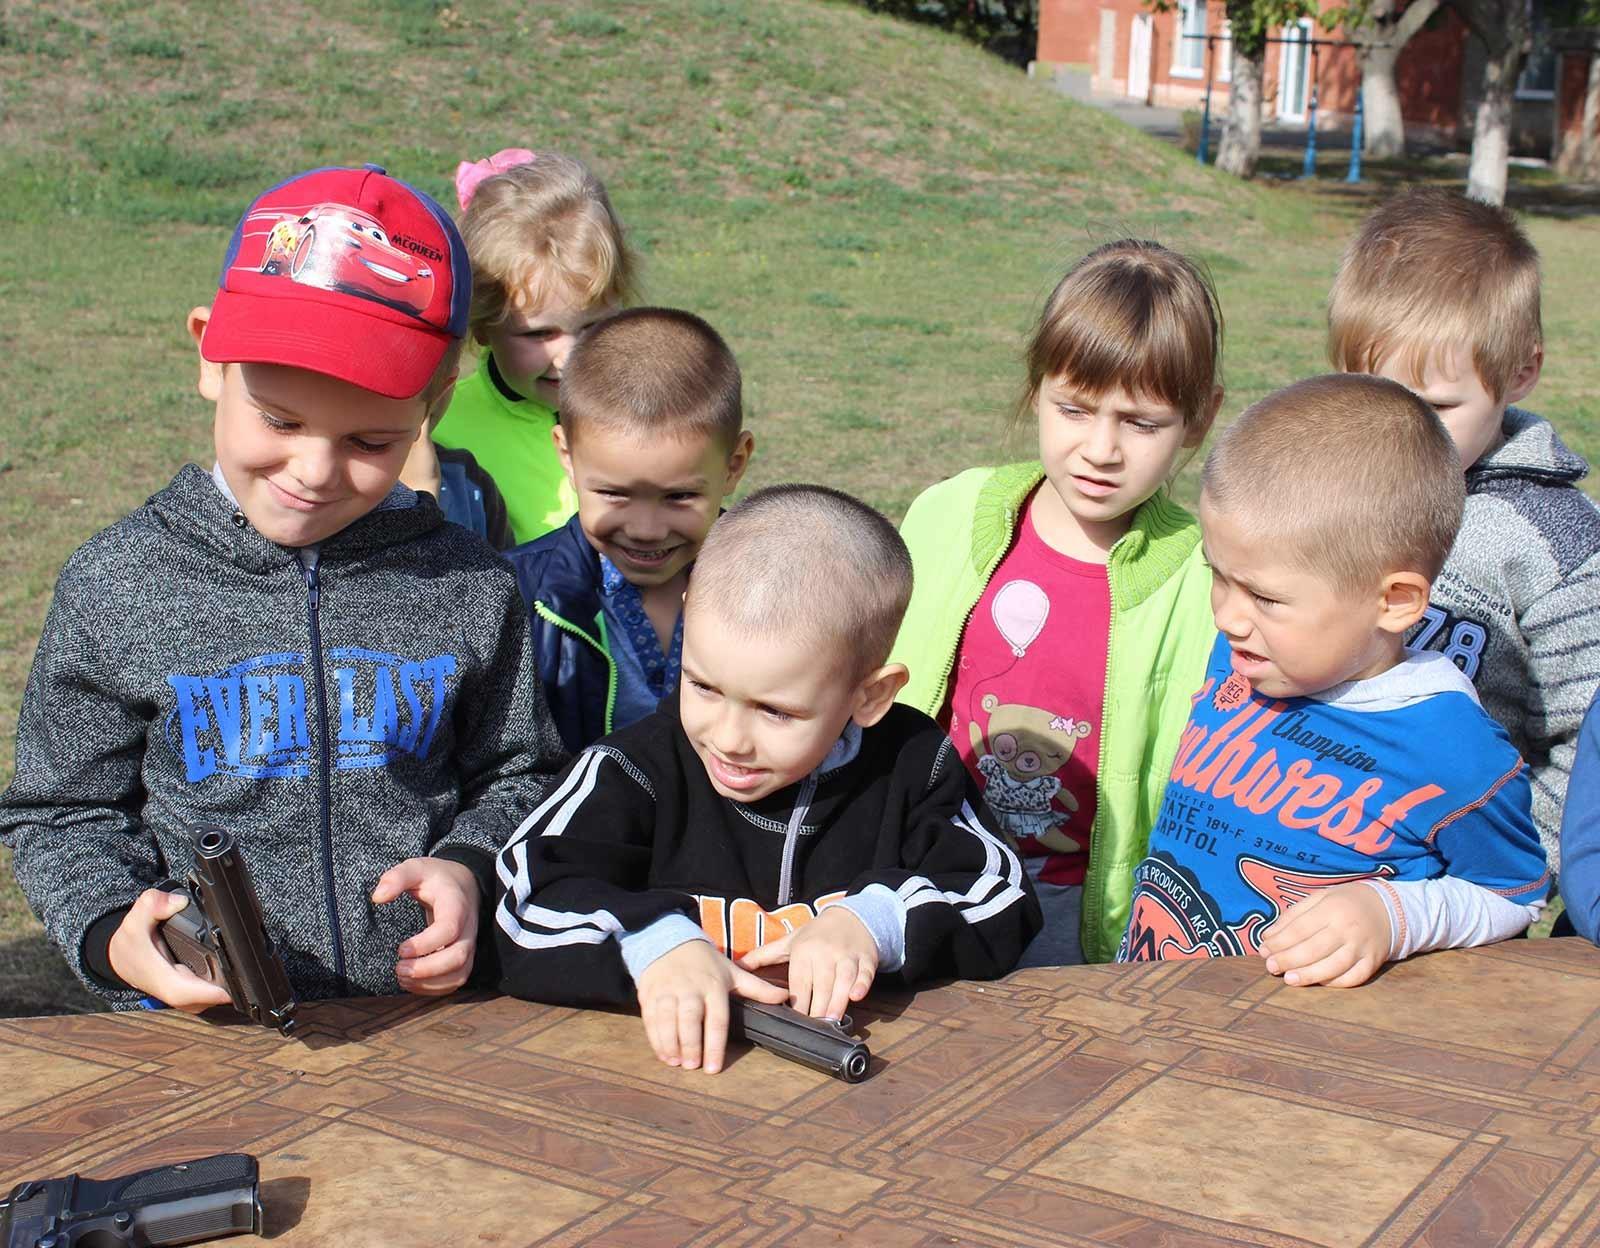 Діти з цікавістю разом із курсантами роздивлялися навчальну зброю